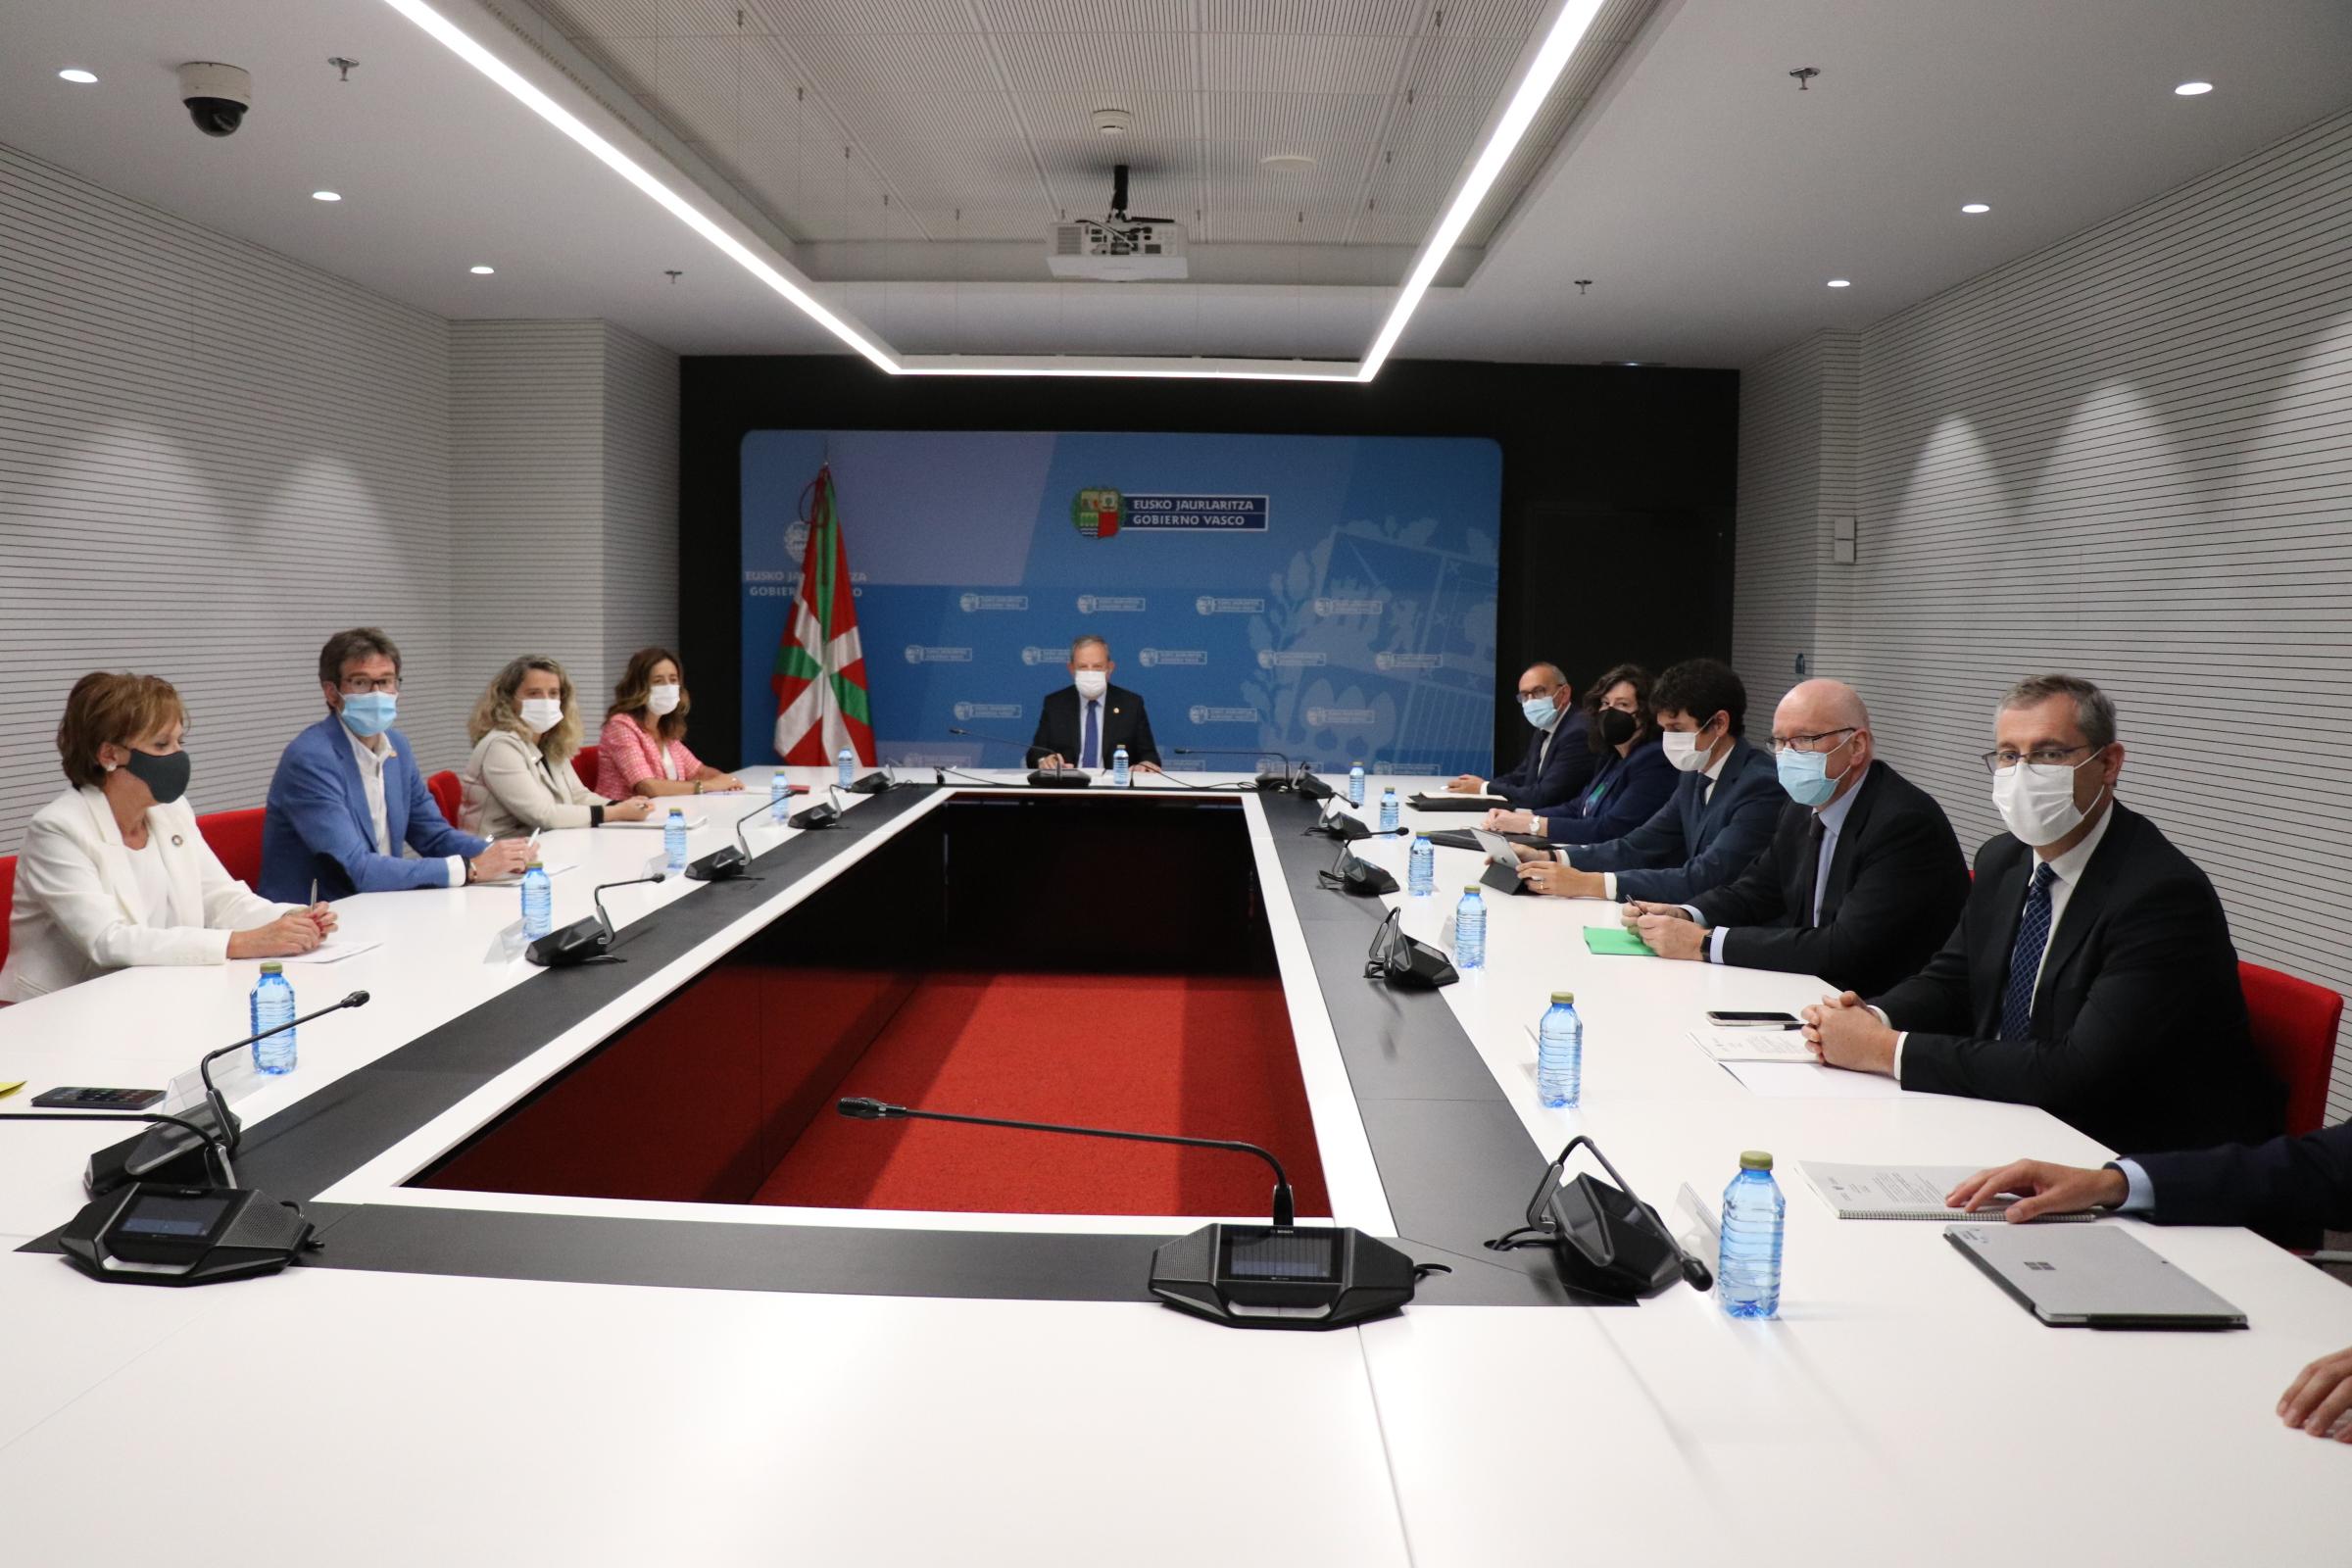 Reunión del Consejo Vasco de Finanzas Públicas [53:22]